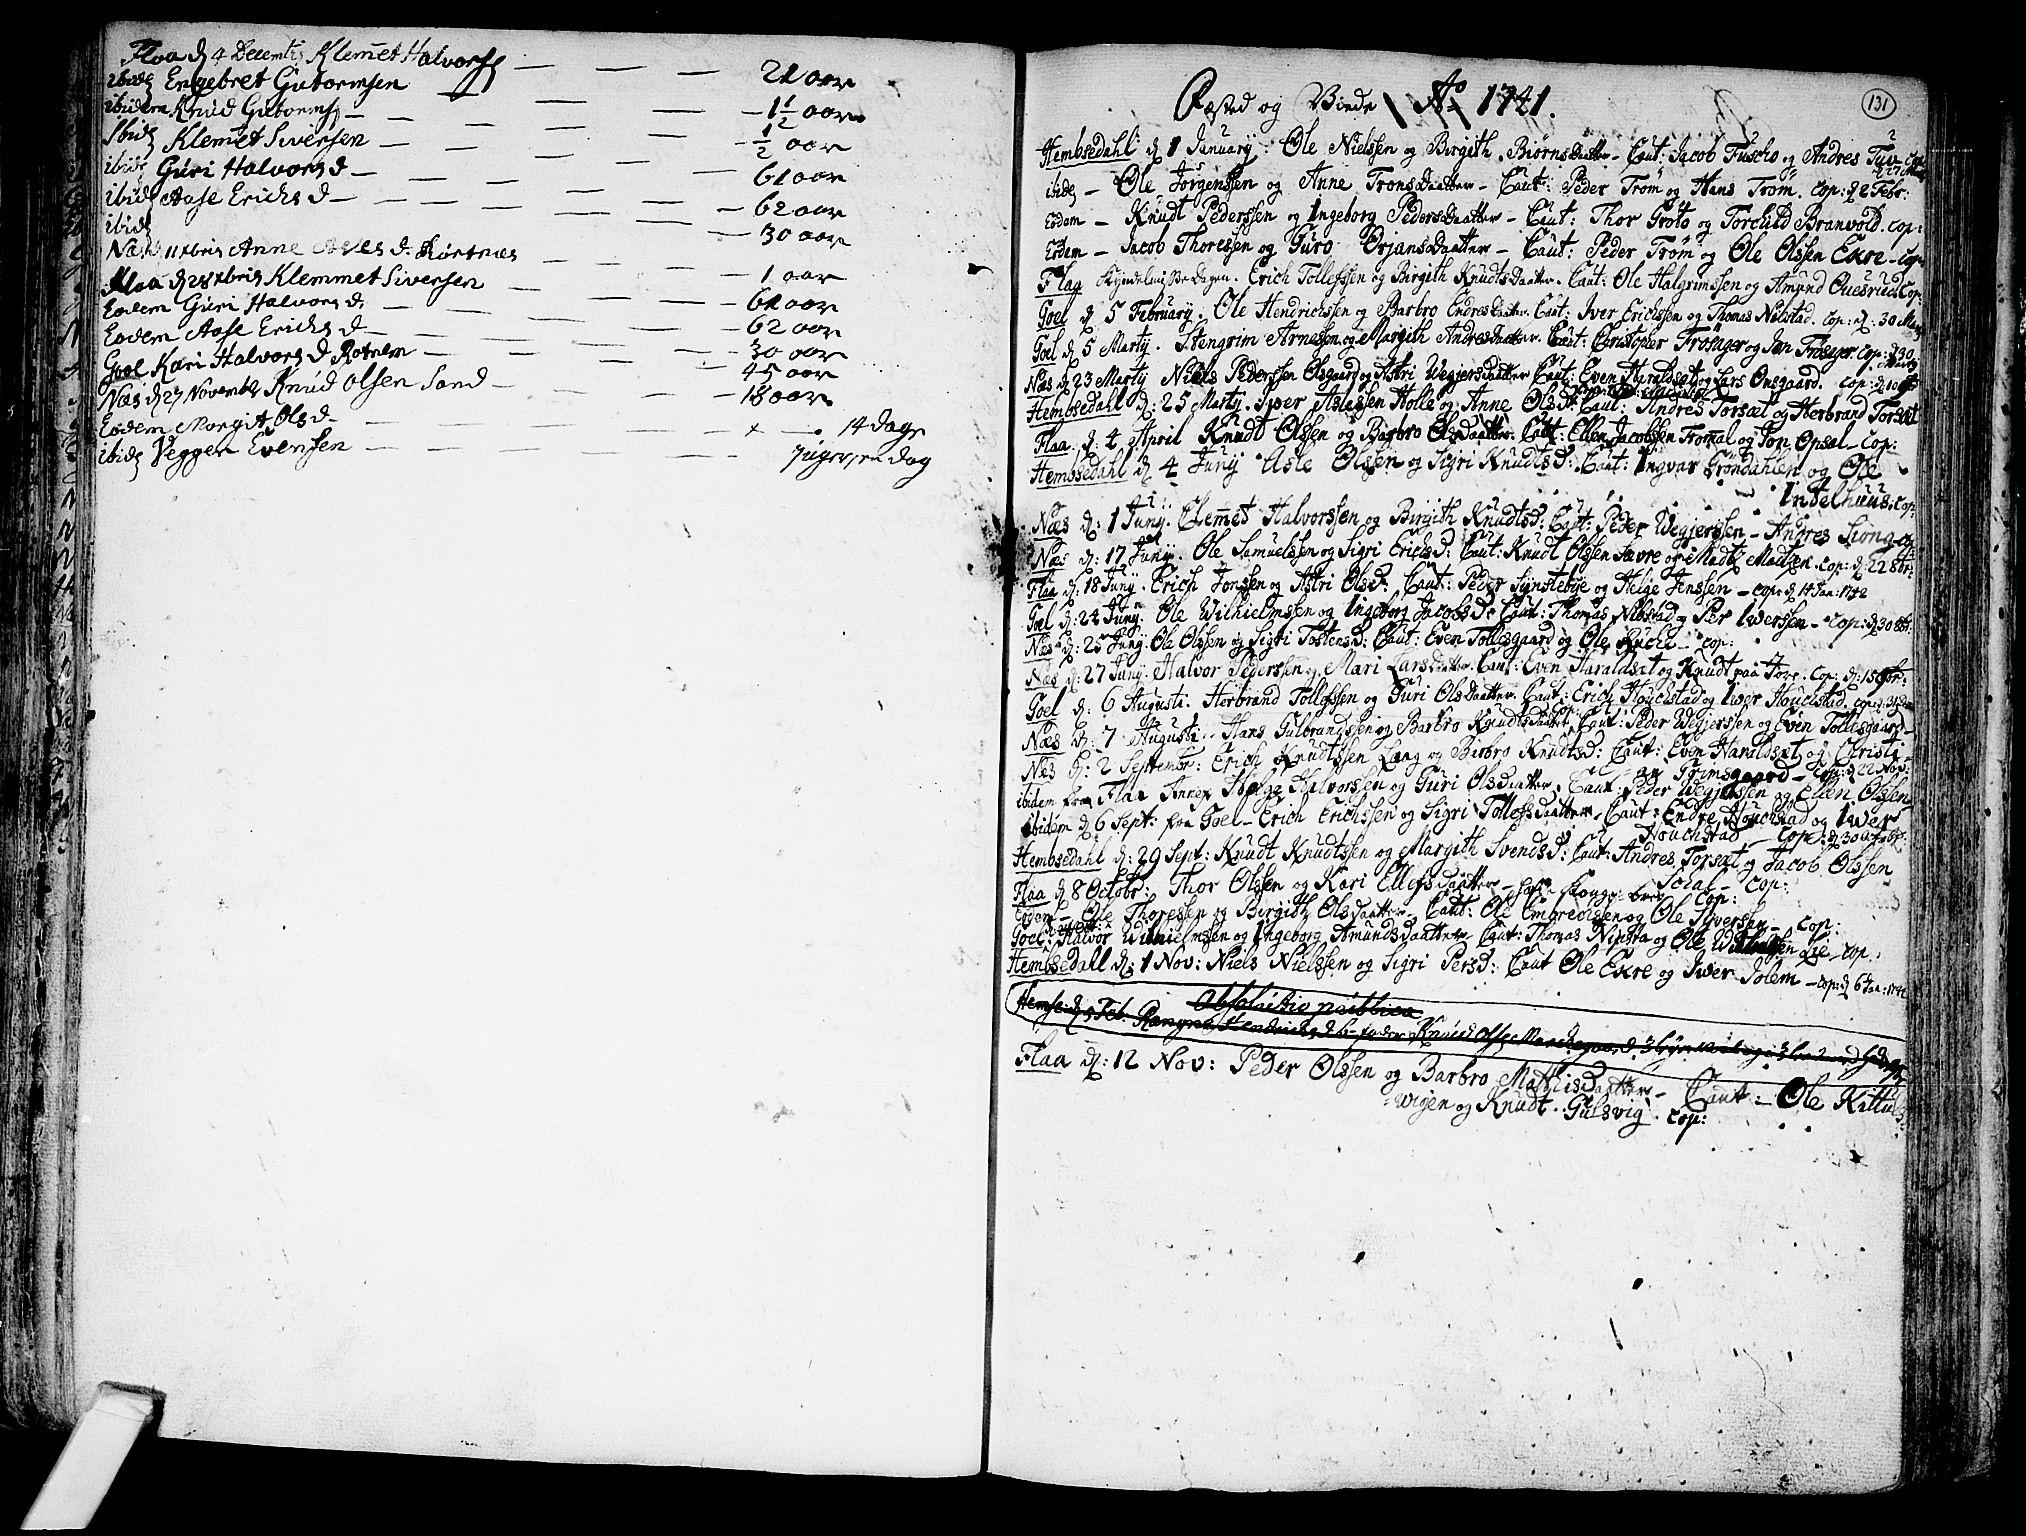 SAKO, Nes kirkebøker, F/Fa/L0002: Ministerialbok nr. 2, 1707-1759, s. 131